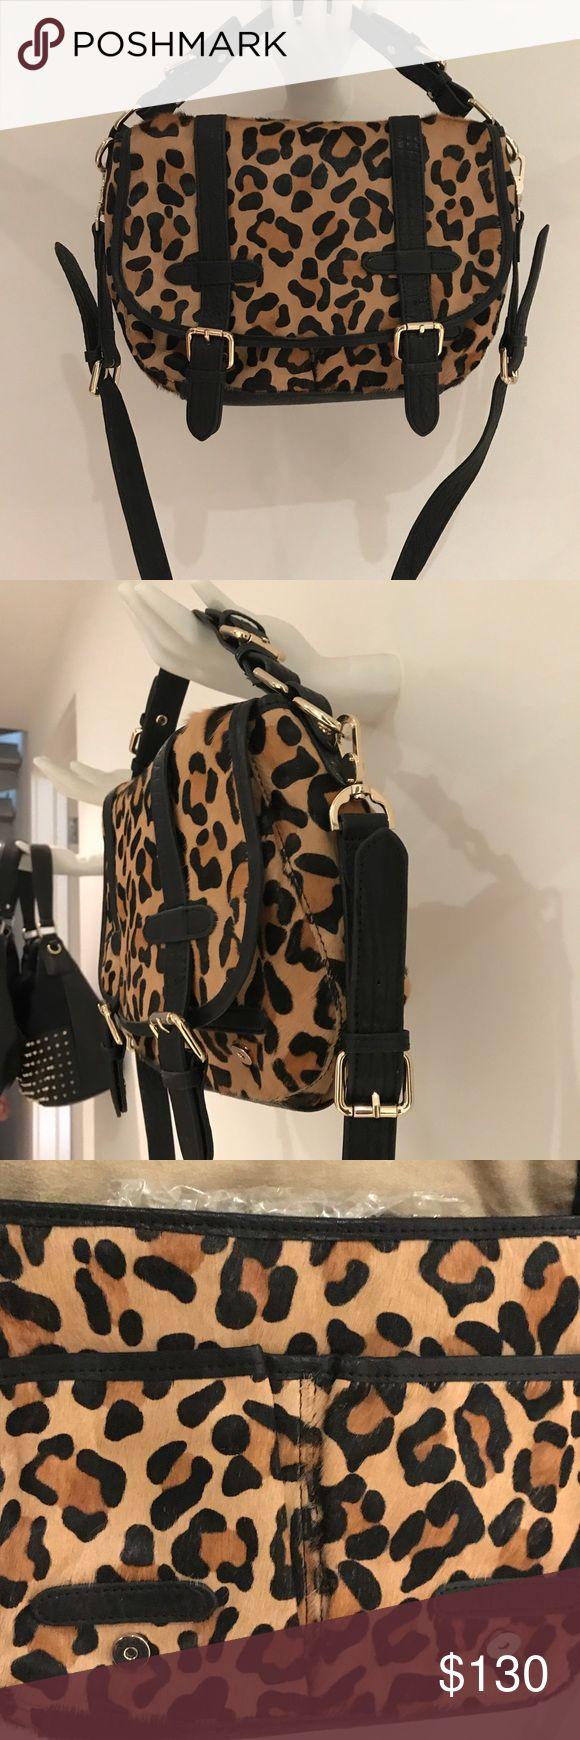 Charles David new leopard Haircalf messenger bag. New!  Beautiful Haircalf Bag. Direct from the Charles David Designer. Messenger flap. Removable shoulder strap. Charles David Bags